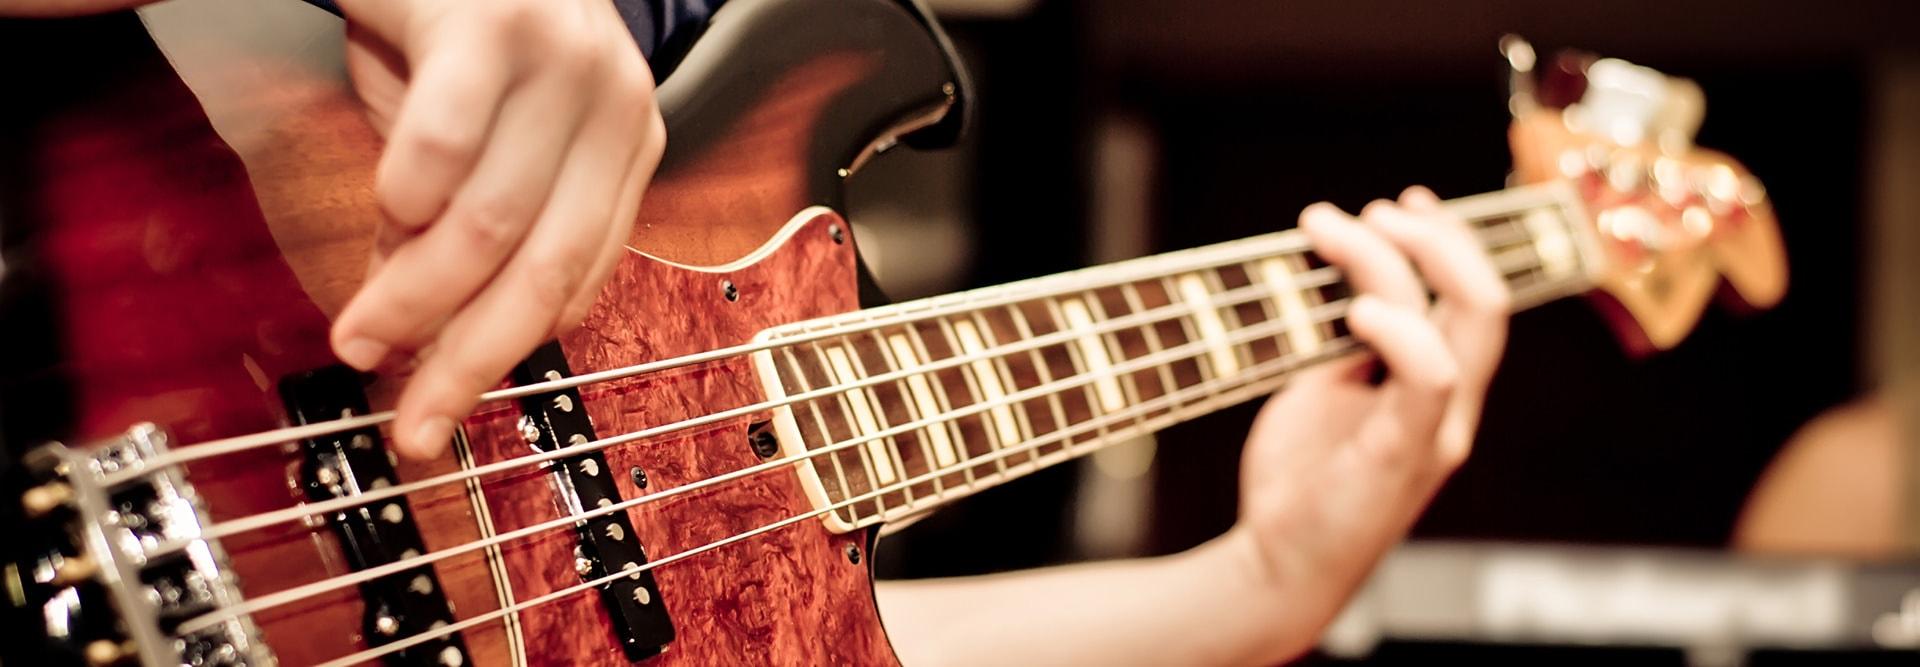 tàu liệu học đàn guitar bass